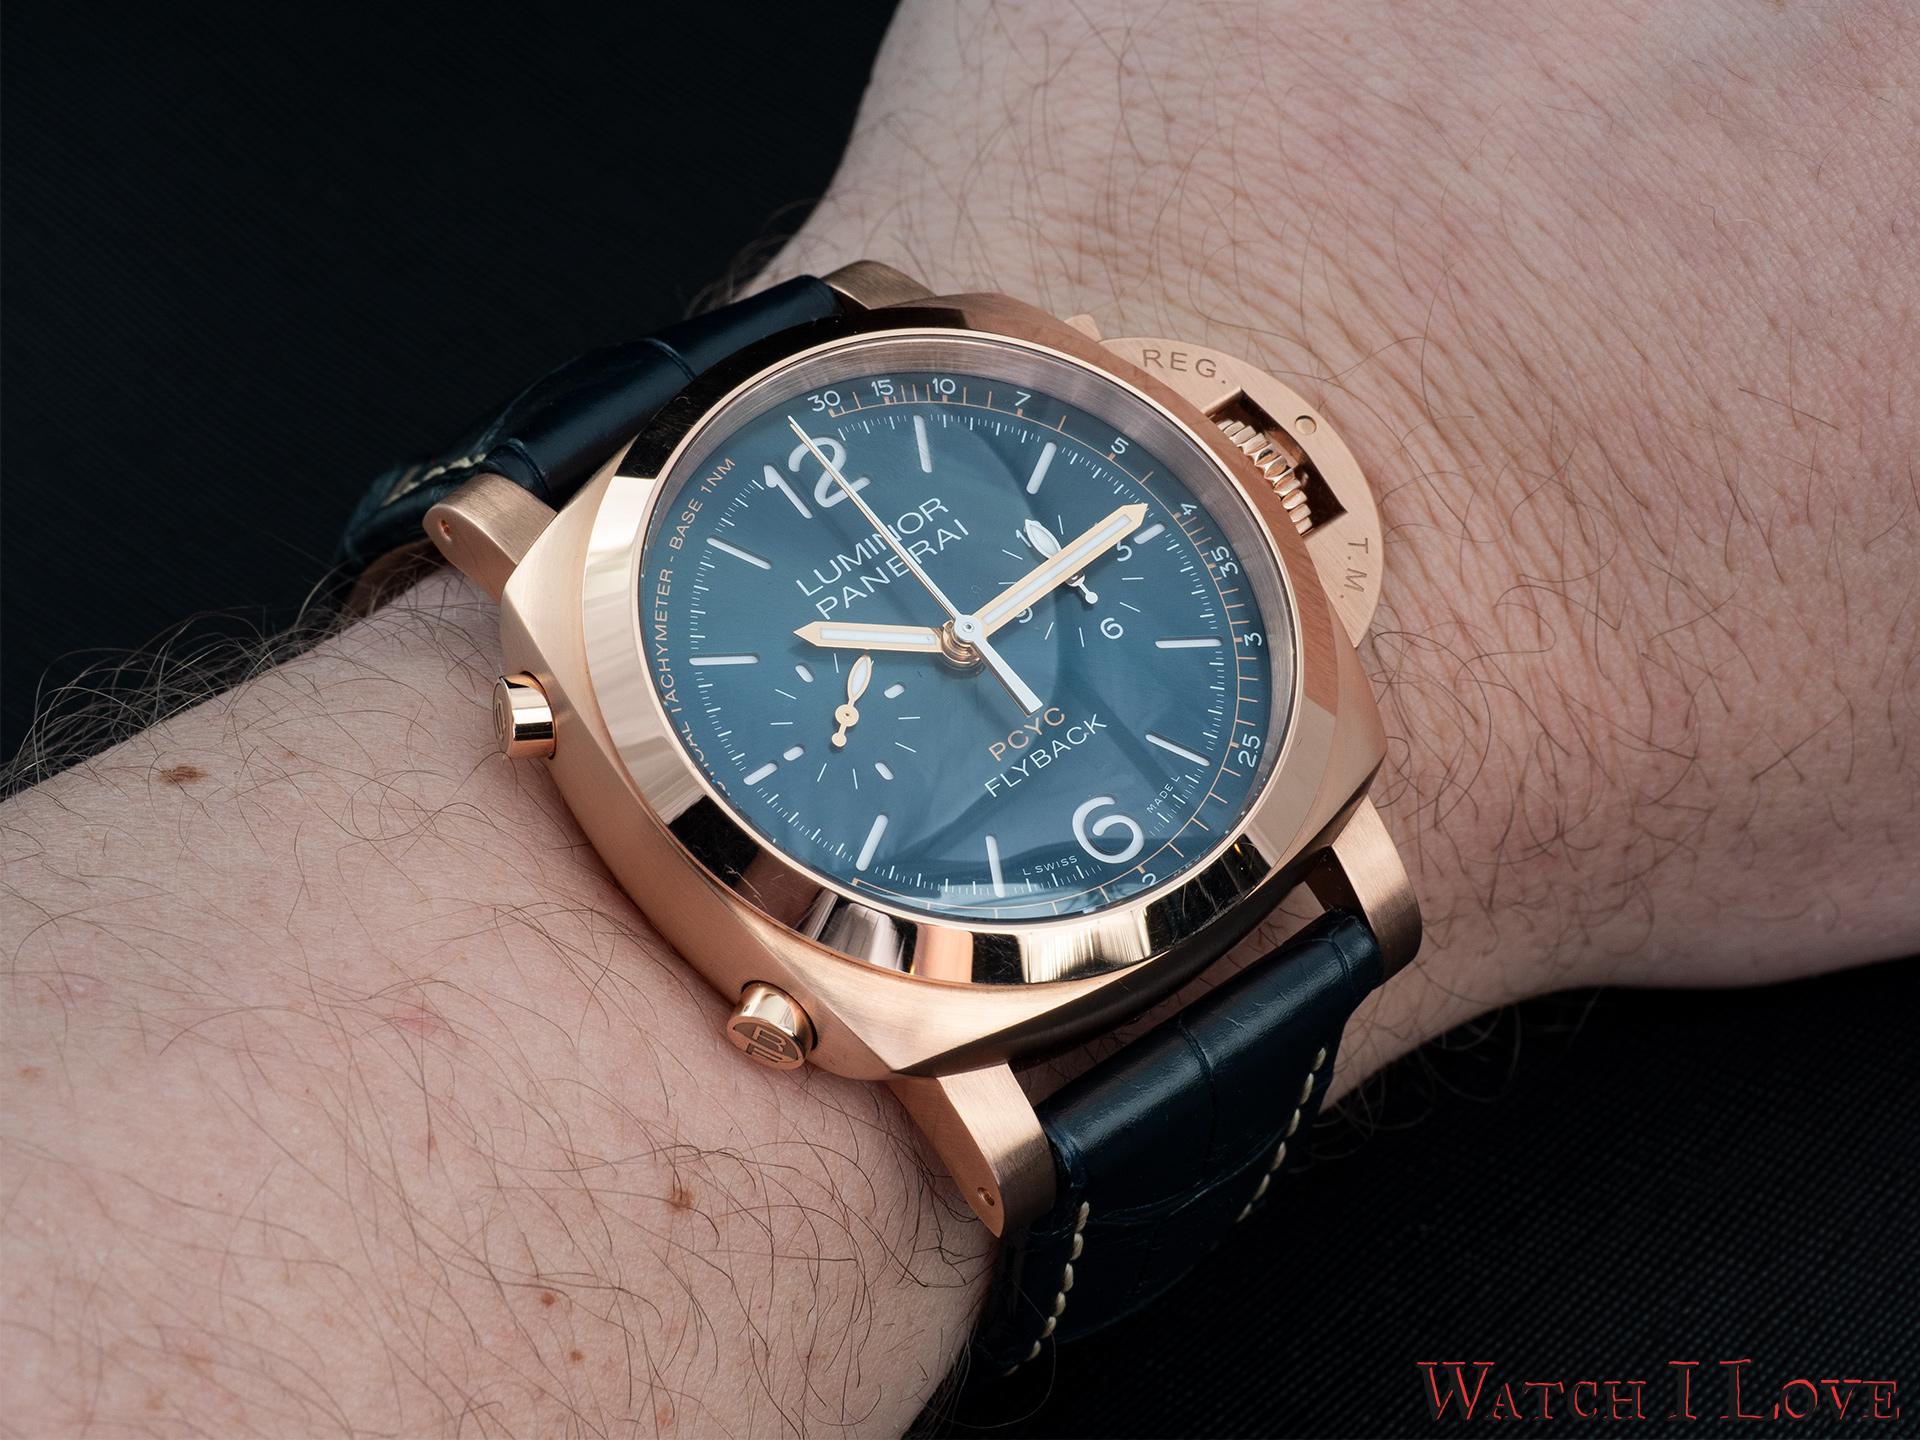 Panerai PAM1020 on the wrist